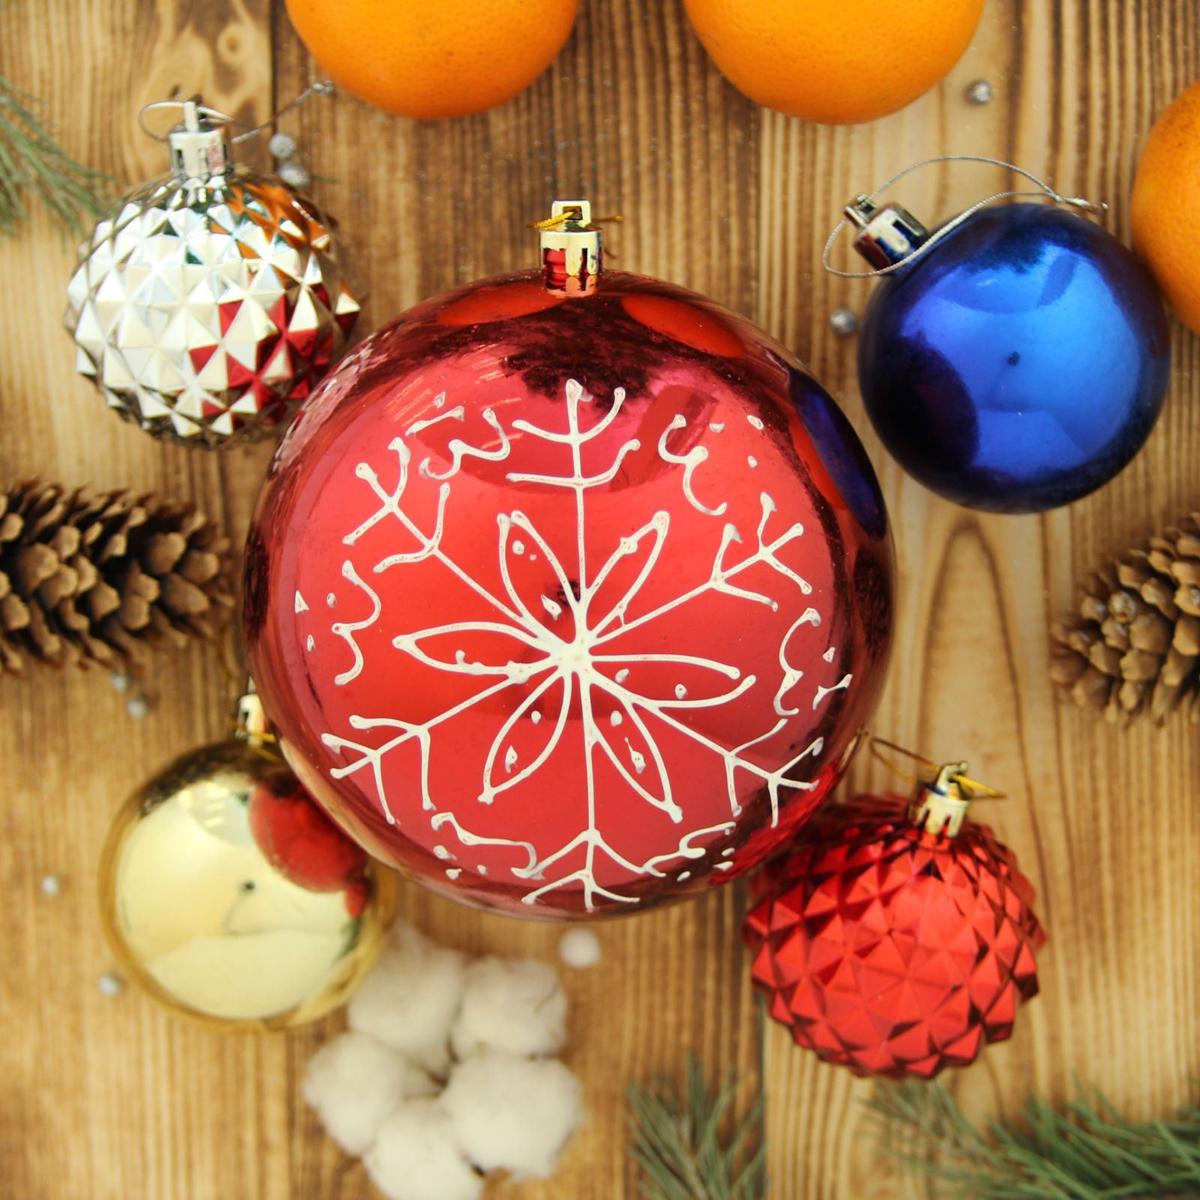 Набор новогодних подвесных украшений Sima-land Снежинка, 17 шт кармашки на стену sima land люблю школу цвет красный желтый коричневый 5 шт